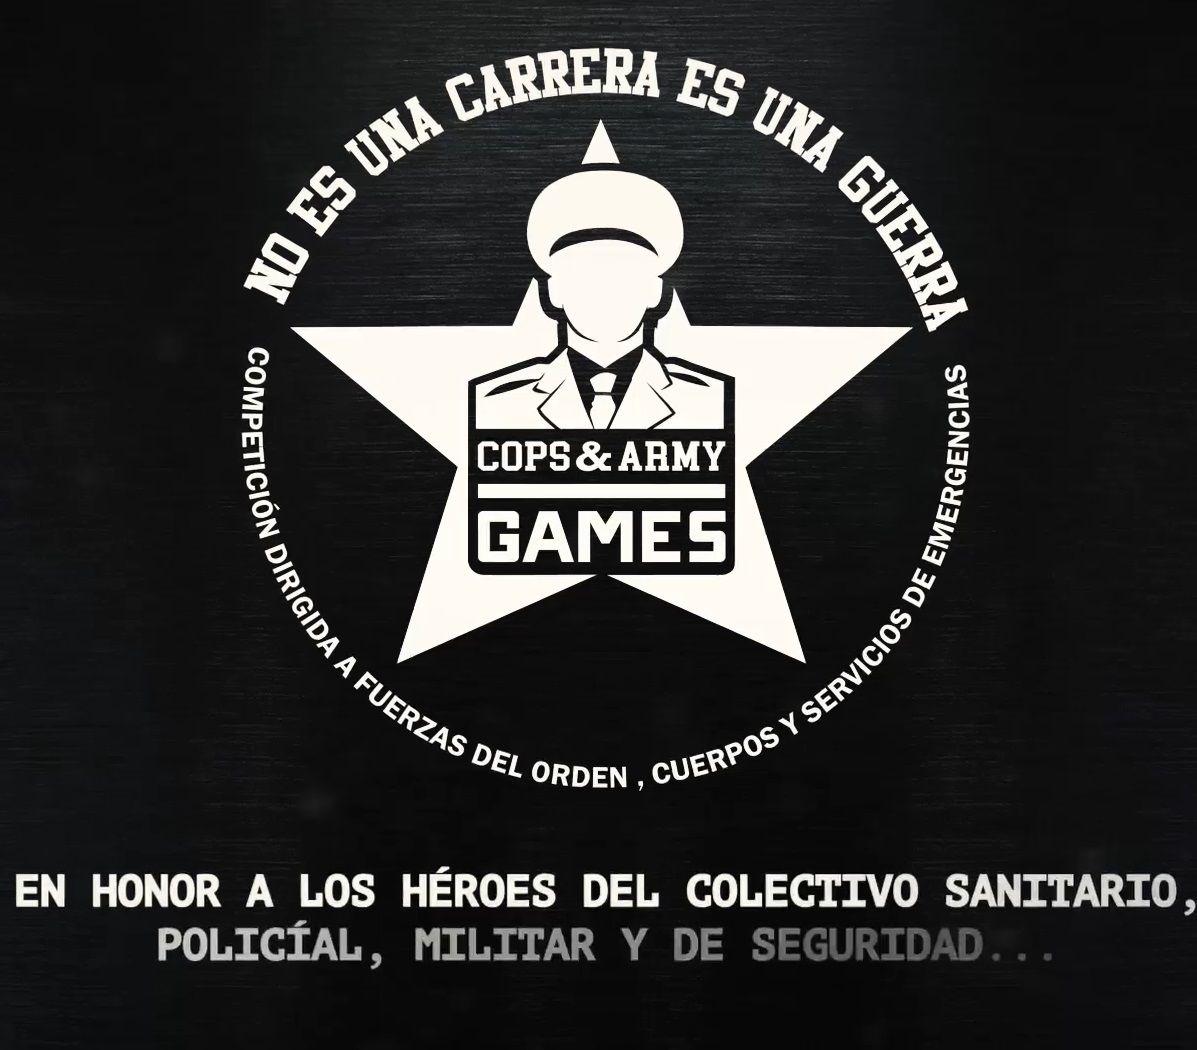 Cops & Army Games, rinde homenaje a las Fuerzas Armadas, Cuerpos de Seguridad y sanitarios